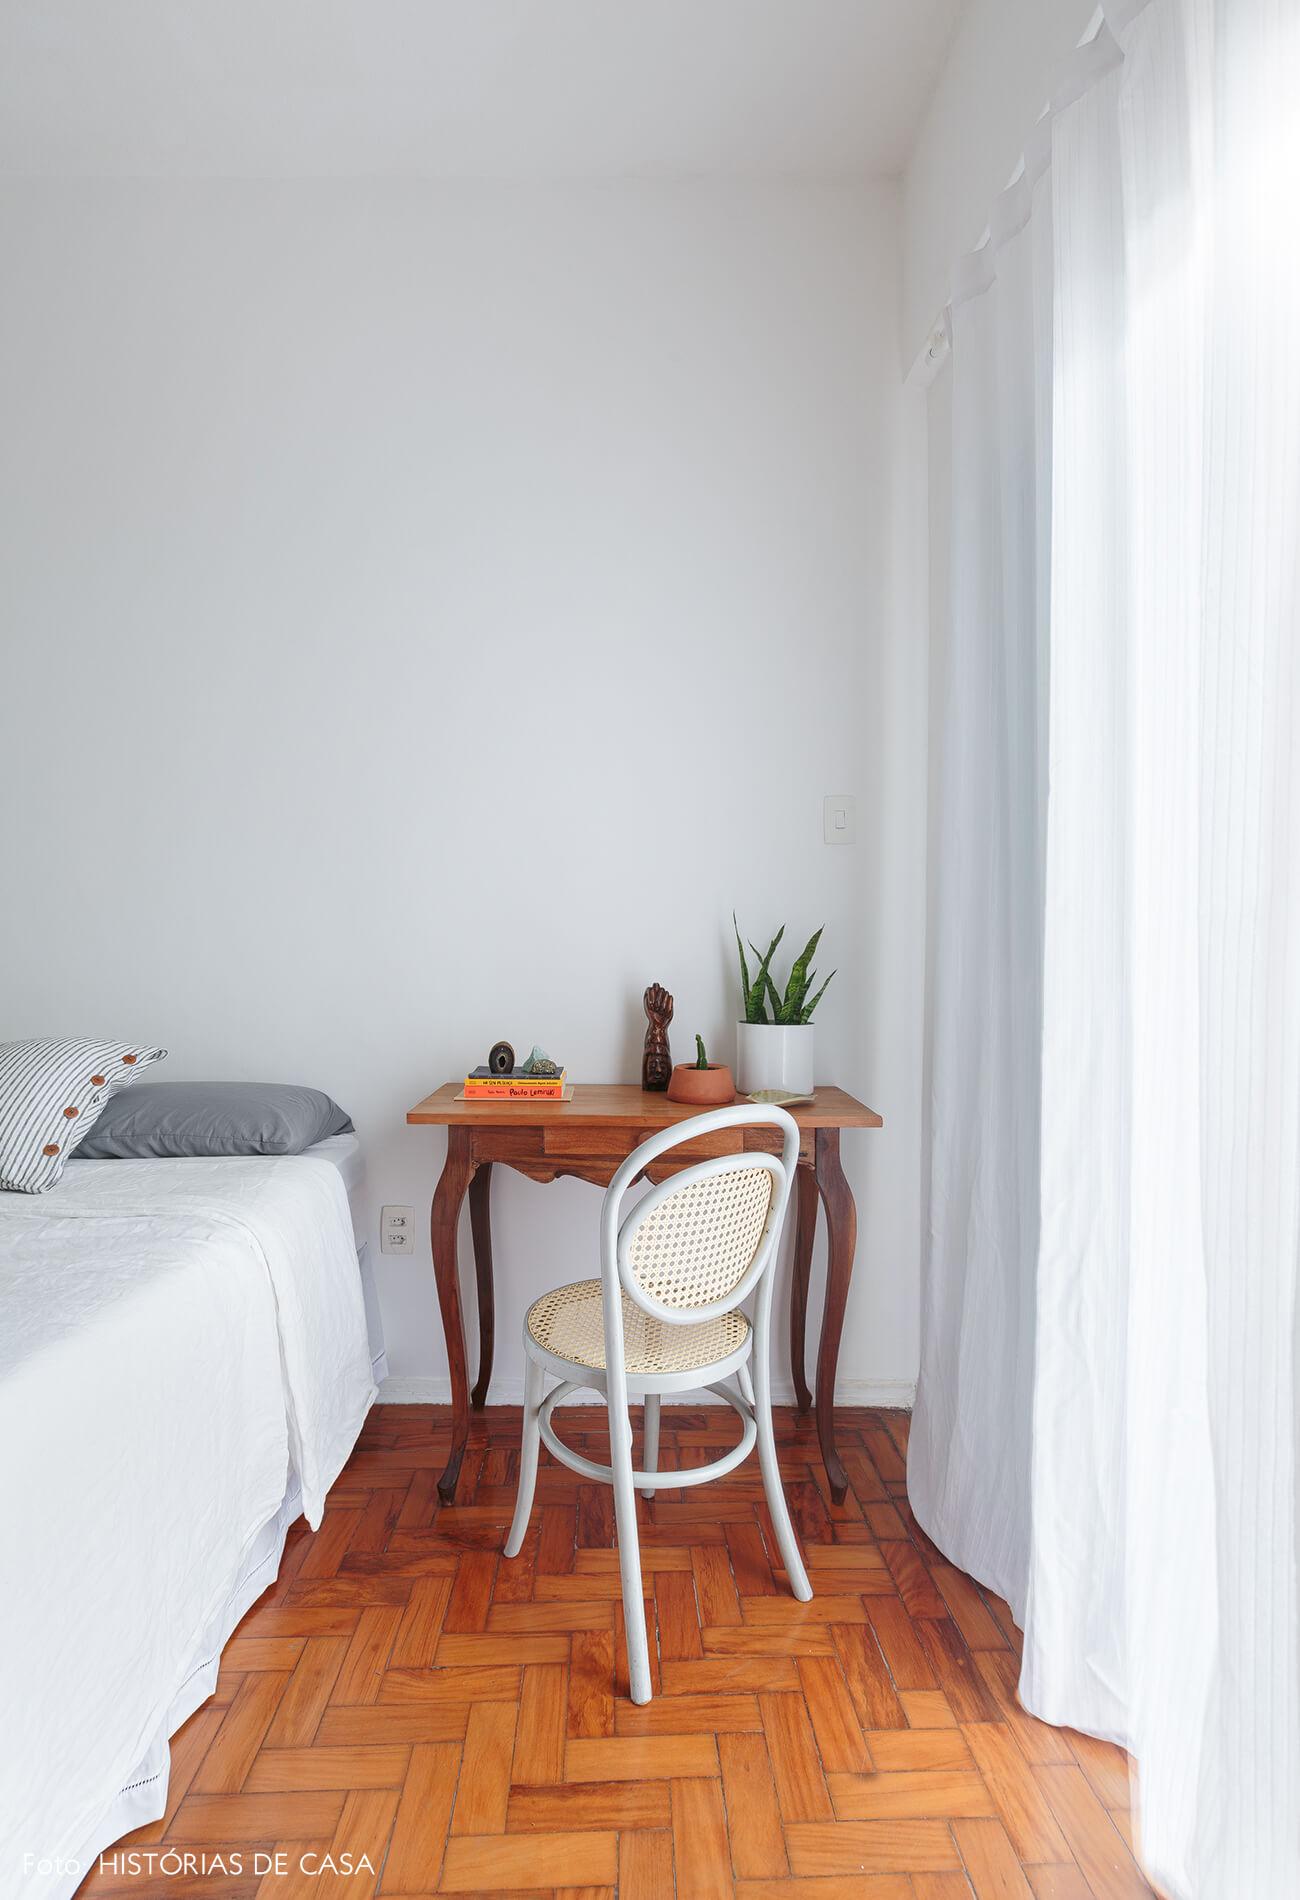 quarto-branco-com-mesa-madeira-e-cadeira-thonet